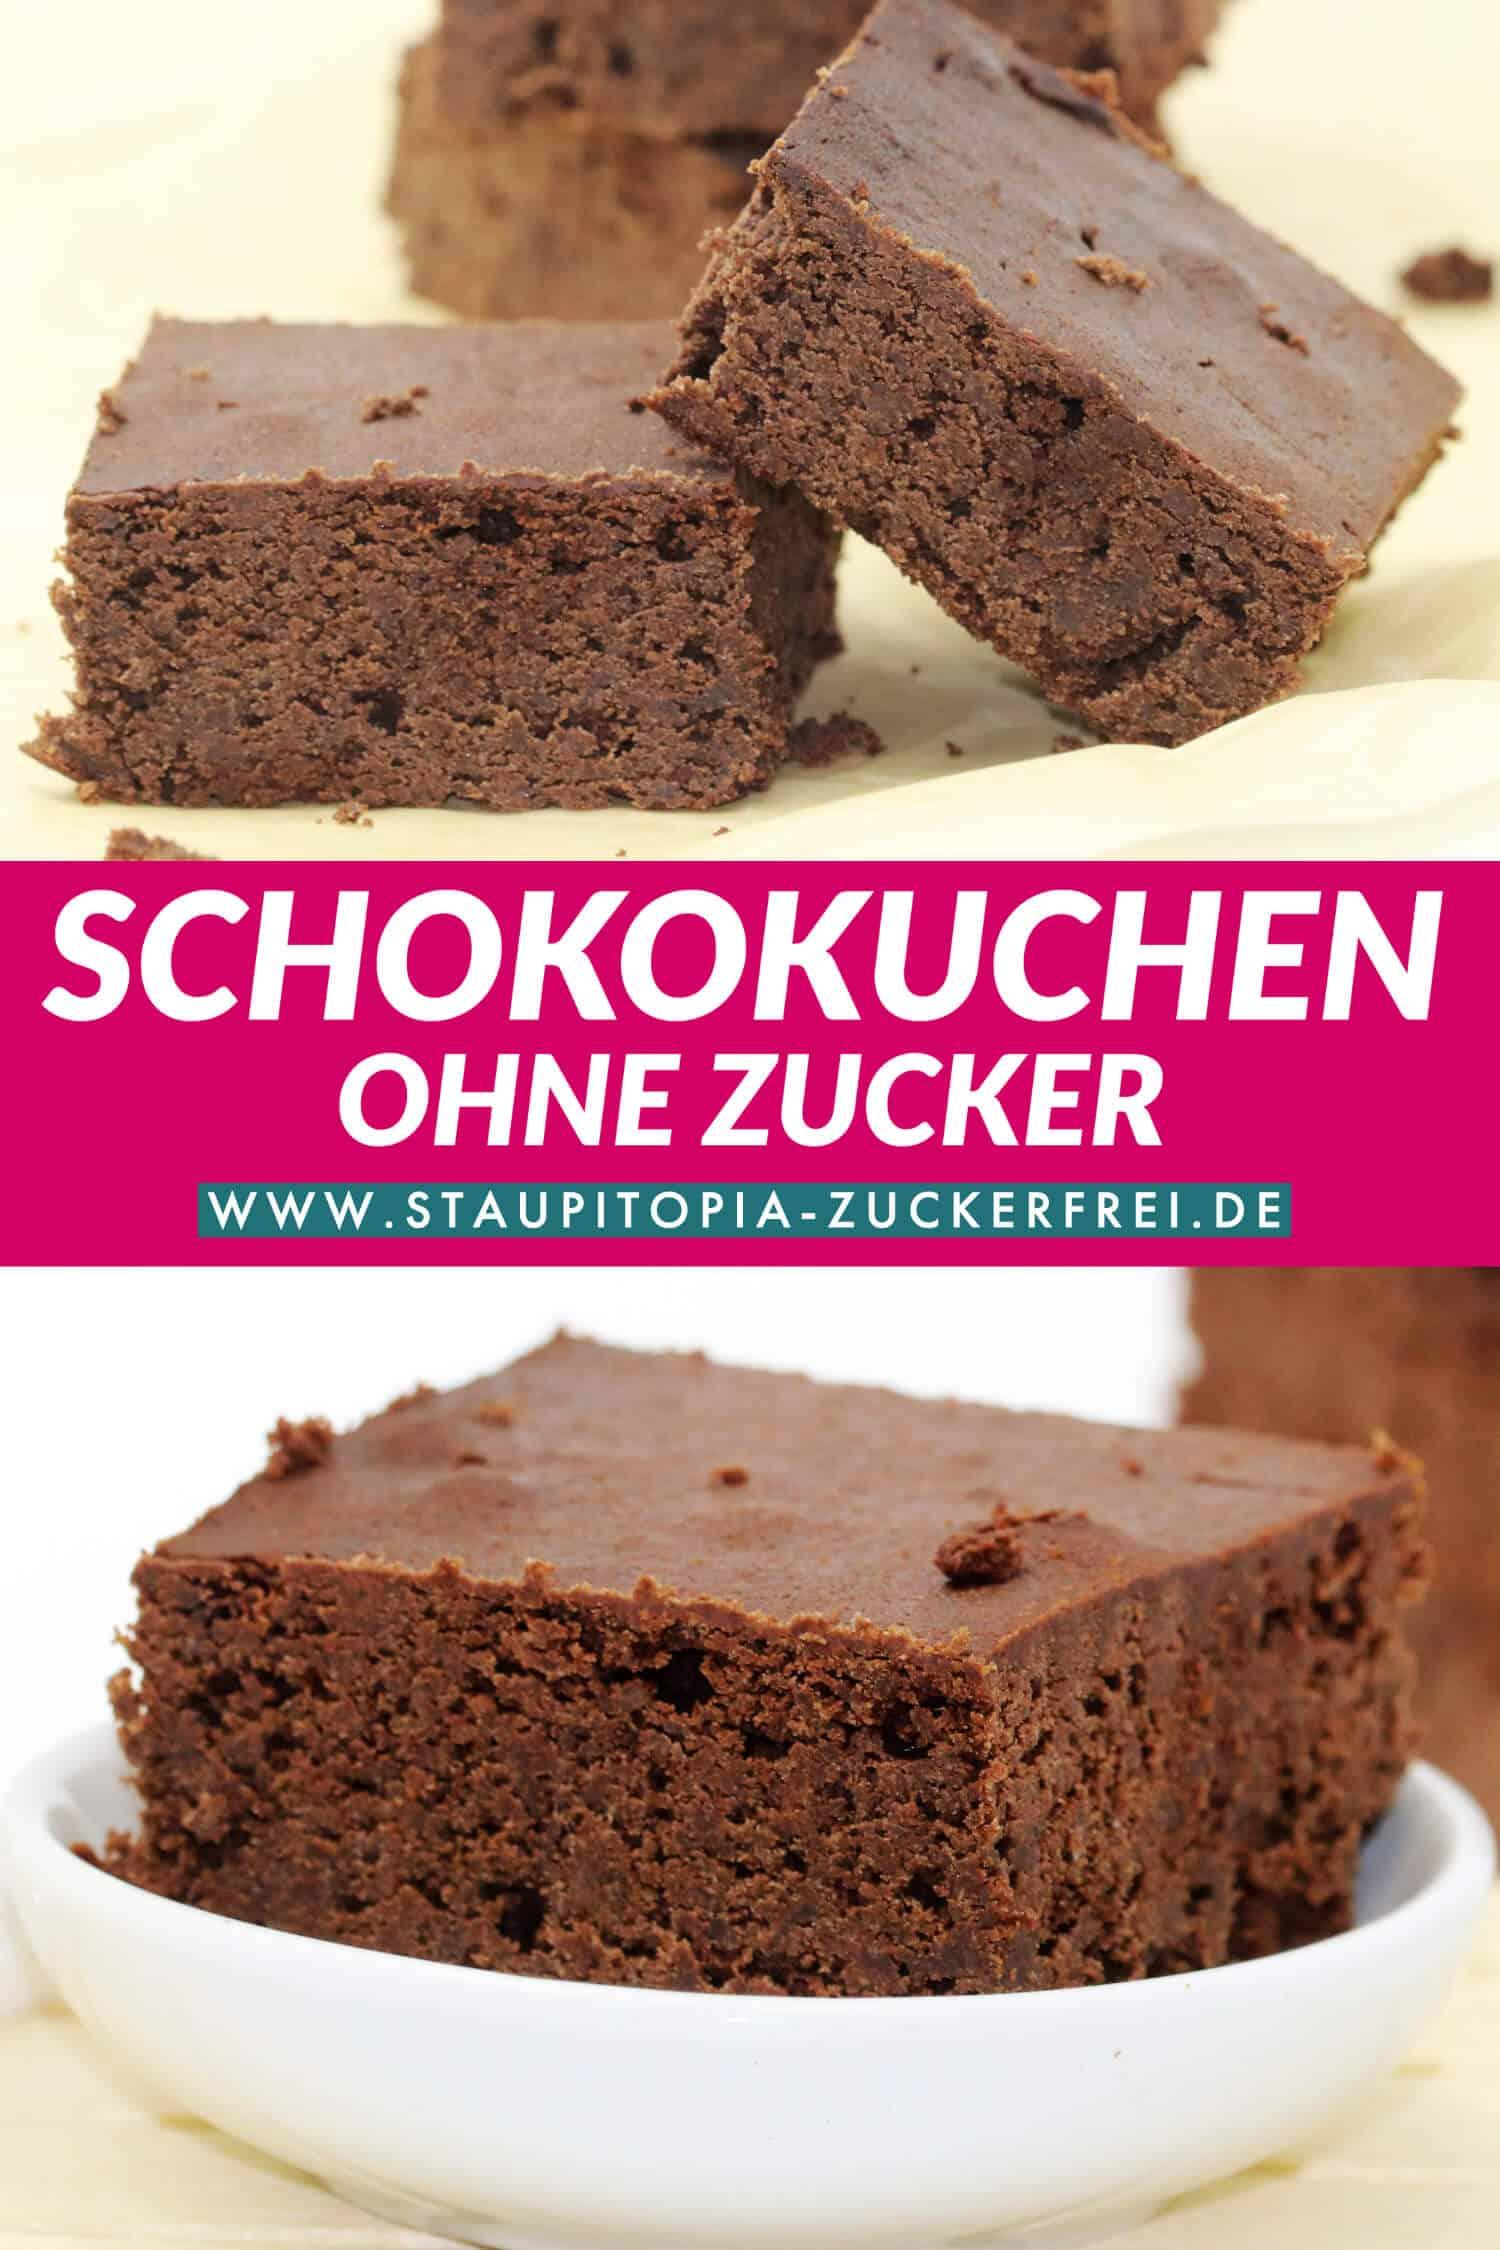 Glutenfreier Schokokuchen vom Blech Rezept mit Erythrit und Xylit